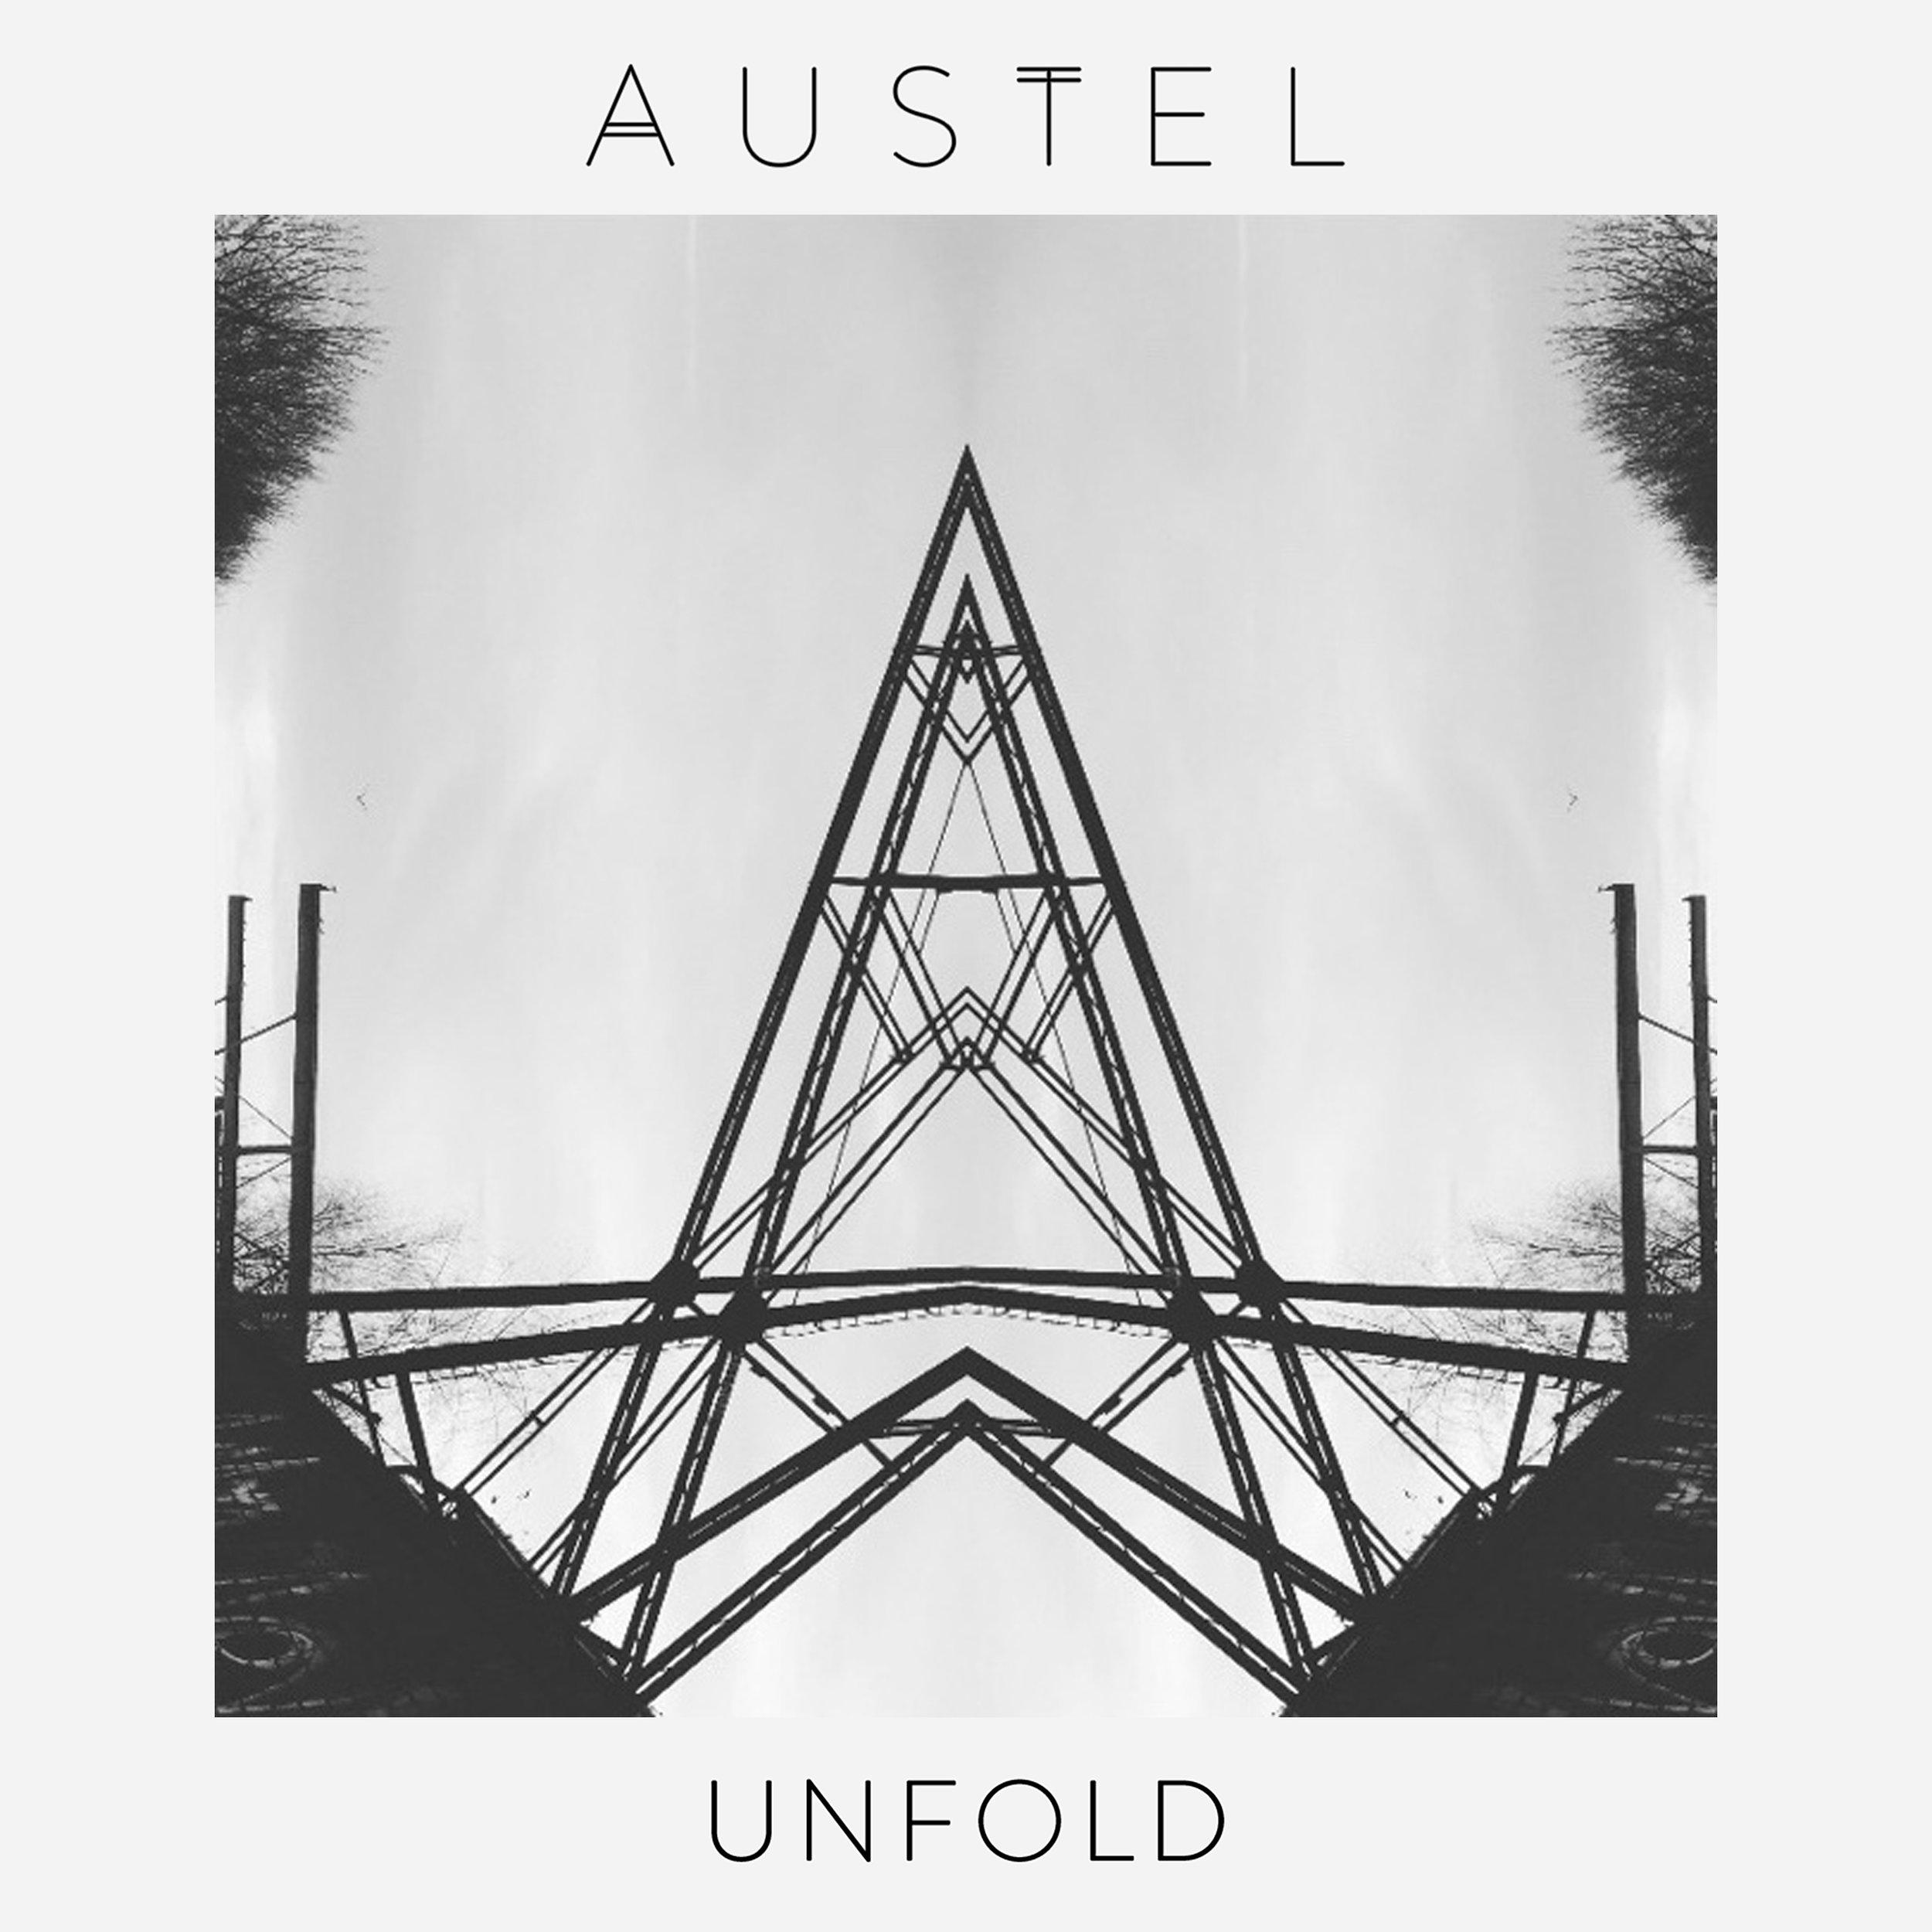 AUSTEL UNFOLD EP COVER ART.jpg